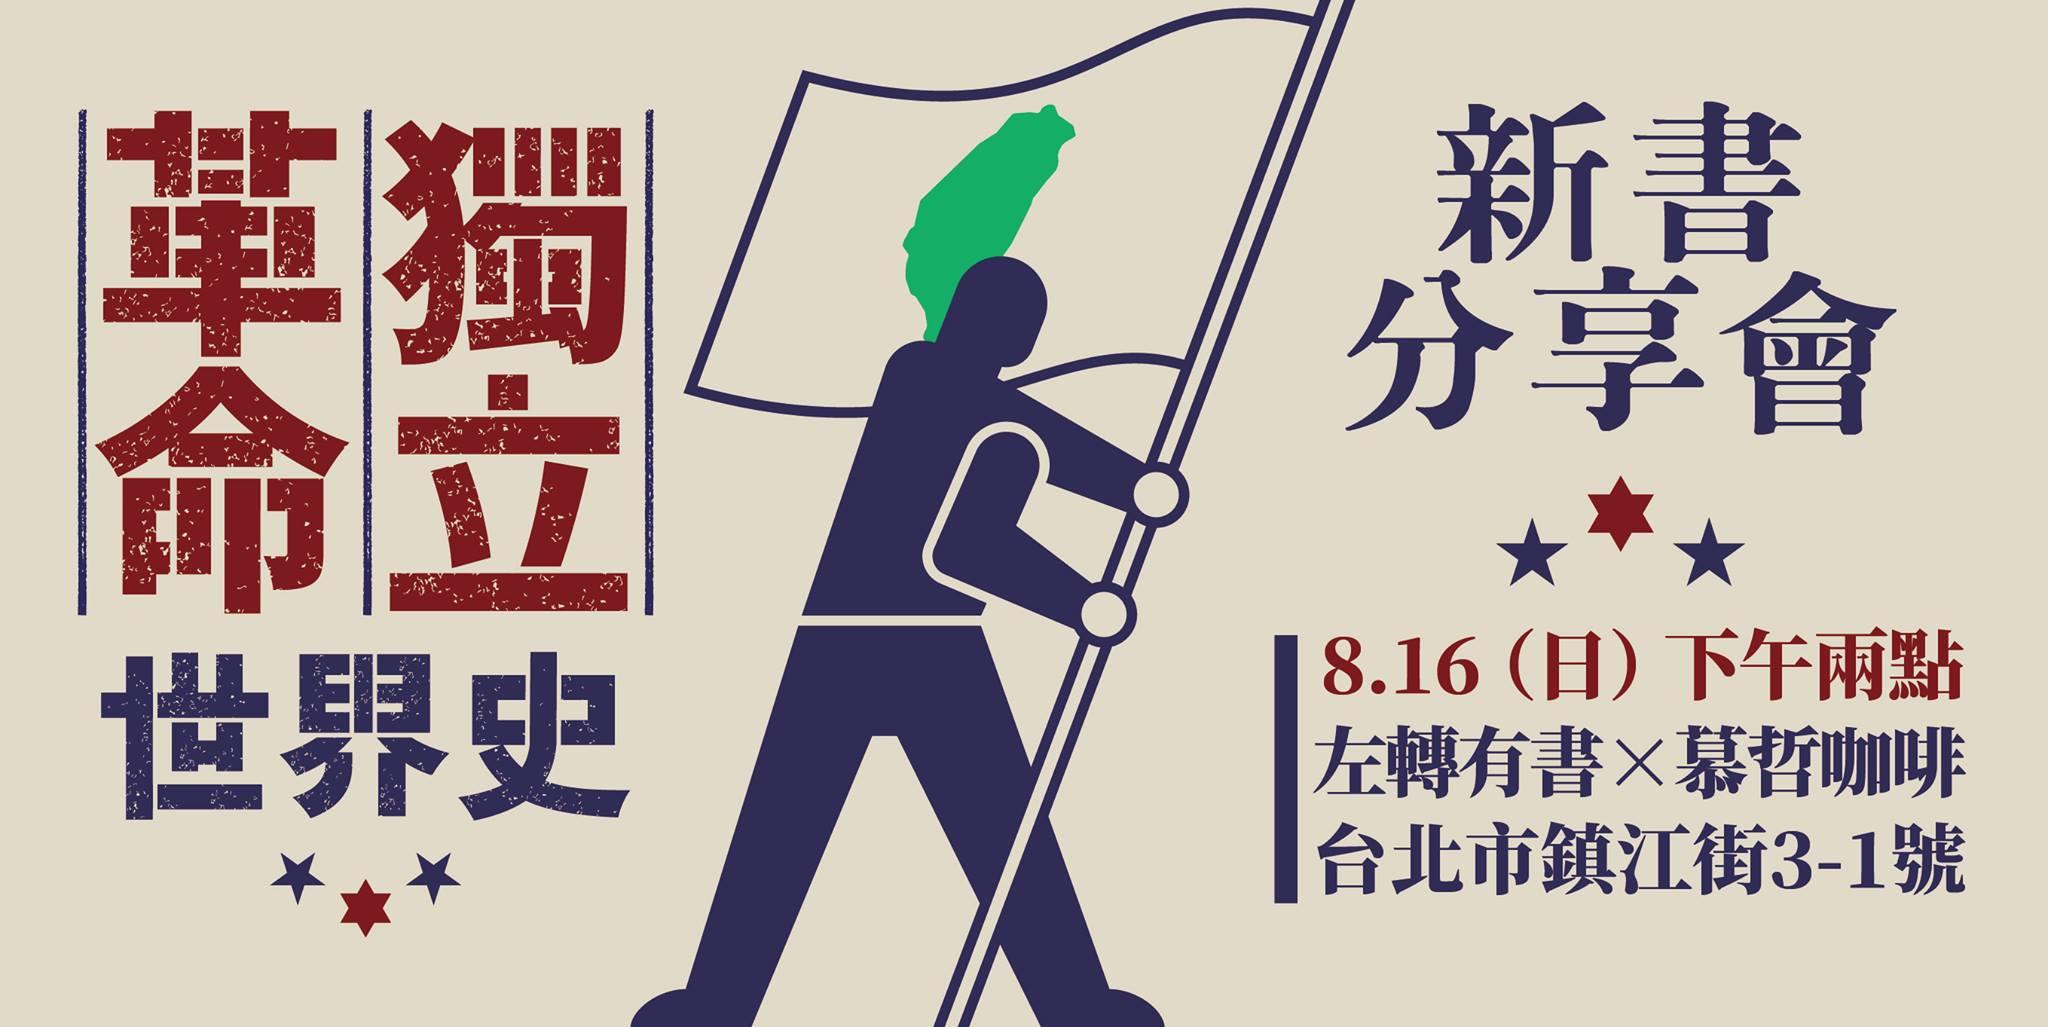 《獨立革命的世界史》,新書分享會。